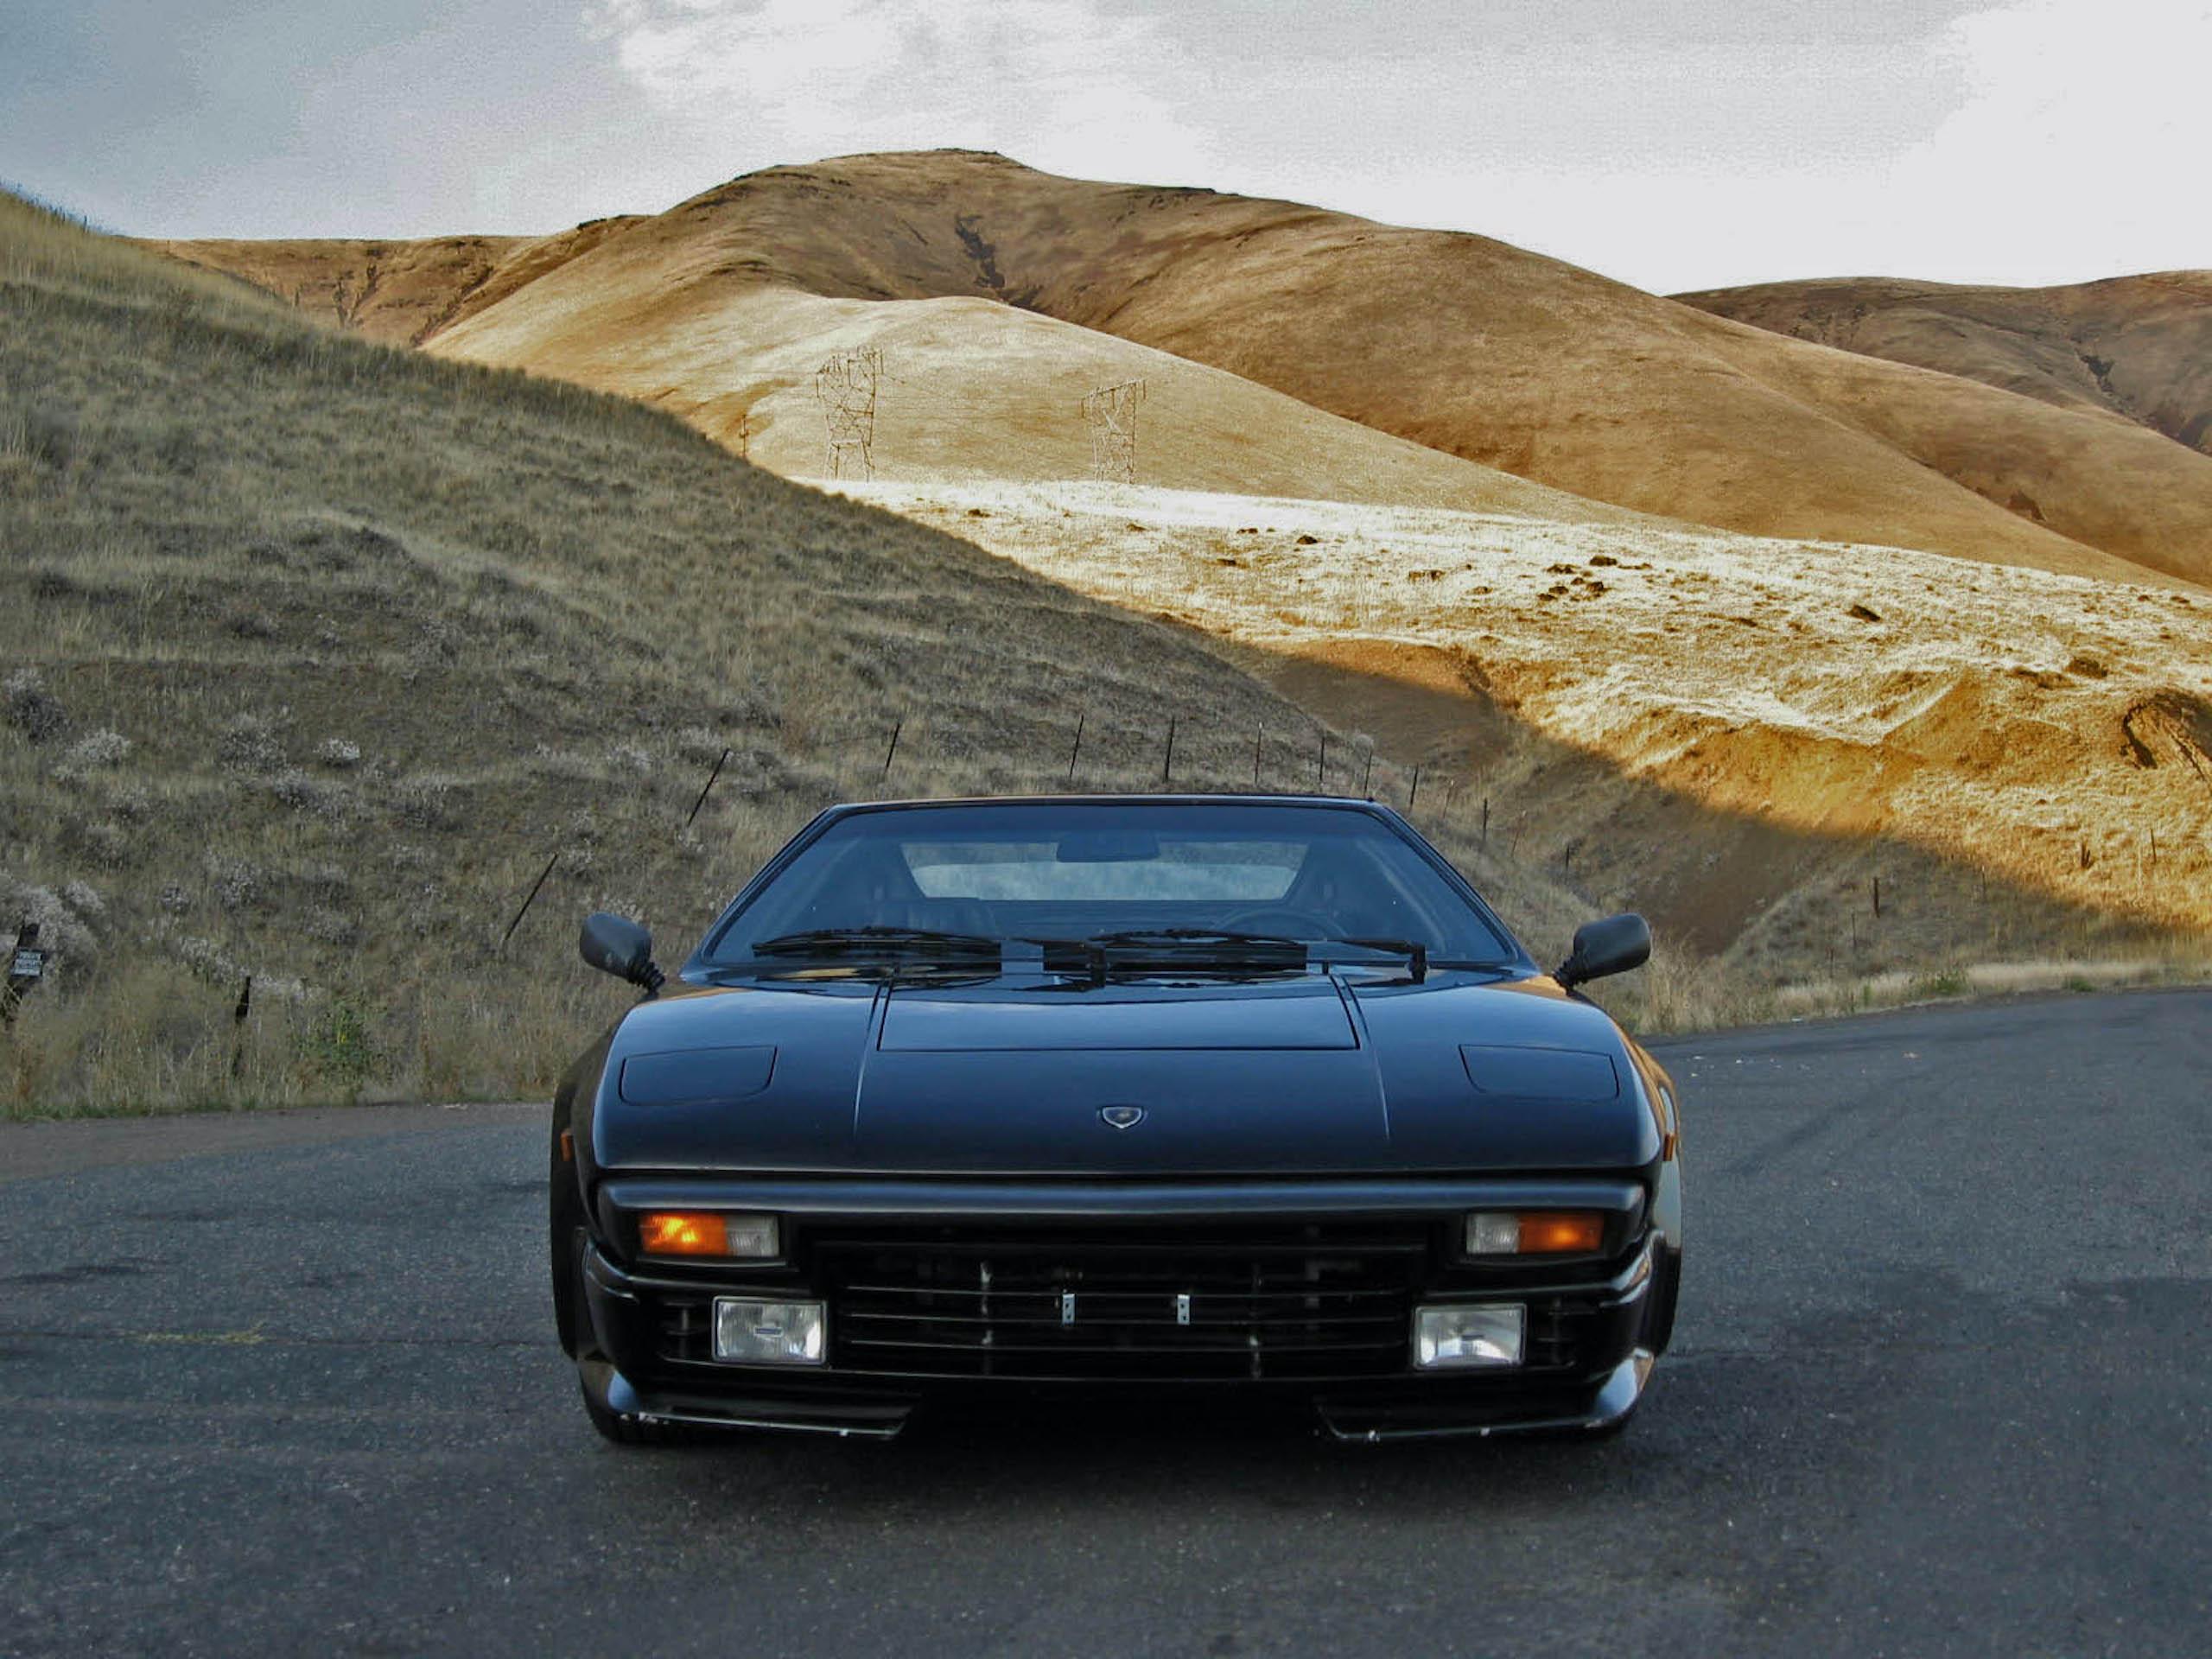 1986 Lamborghini Jalpa front